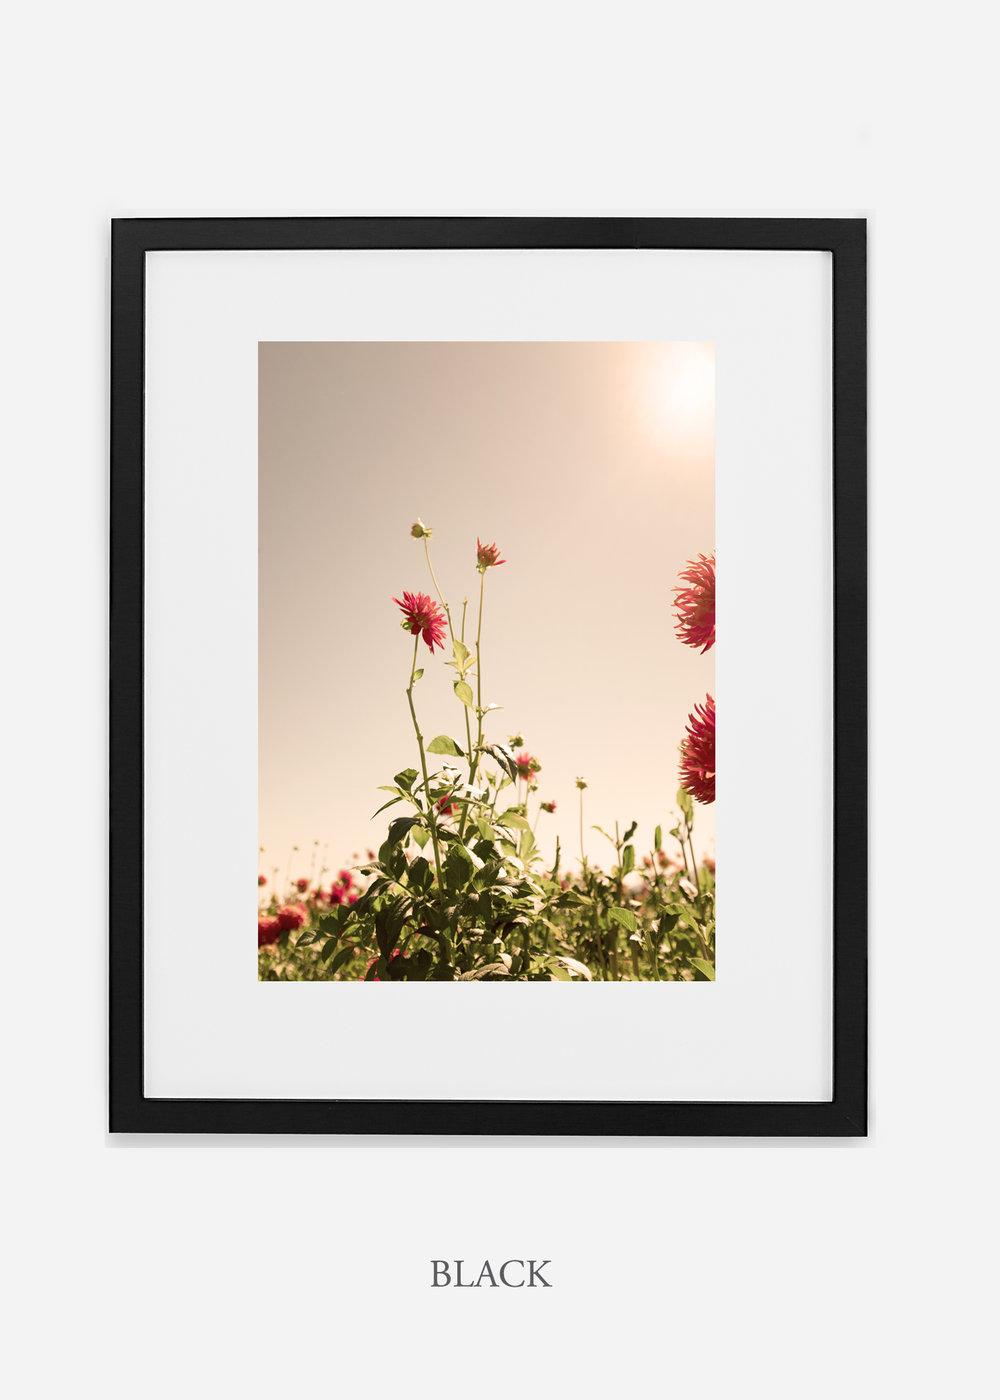 DahliaNo.2_blackframe__mat_interiordesign_botanicalprint_art.jpg